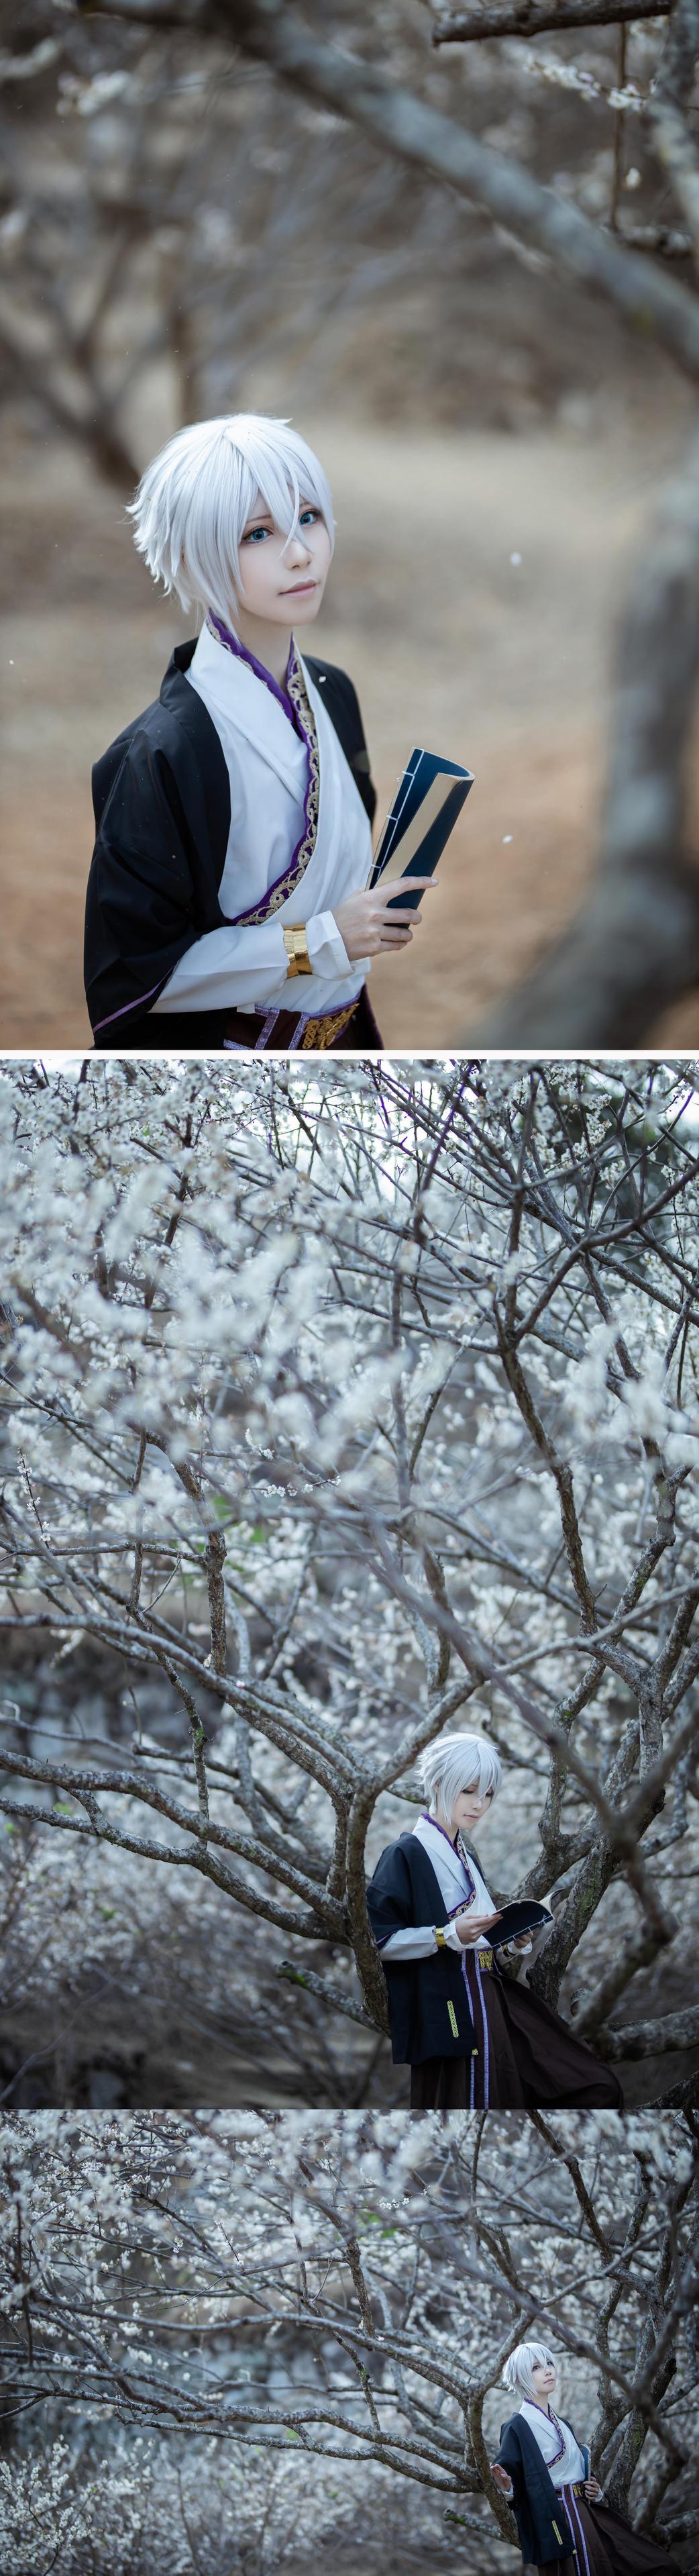 《FATE/GRAND ORDER》正片cosplay【CN:Xxyao】-第1张